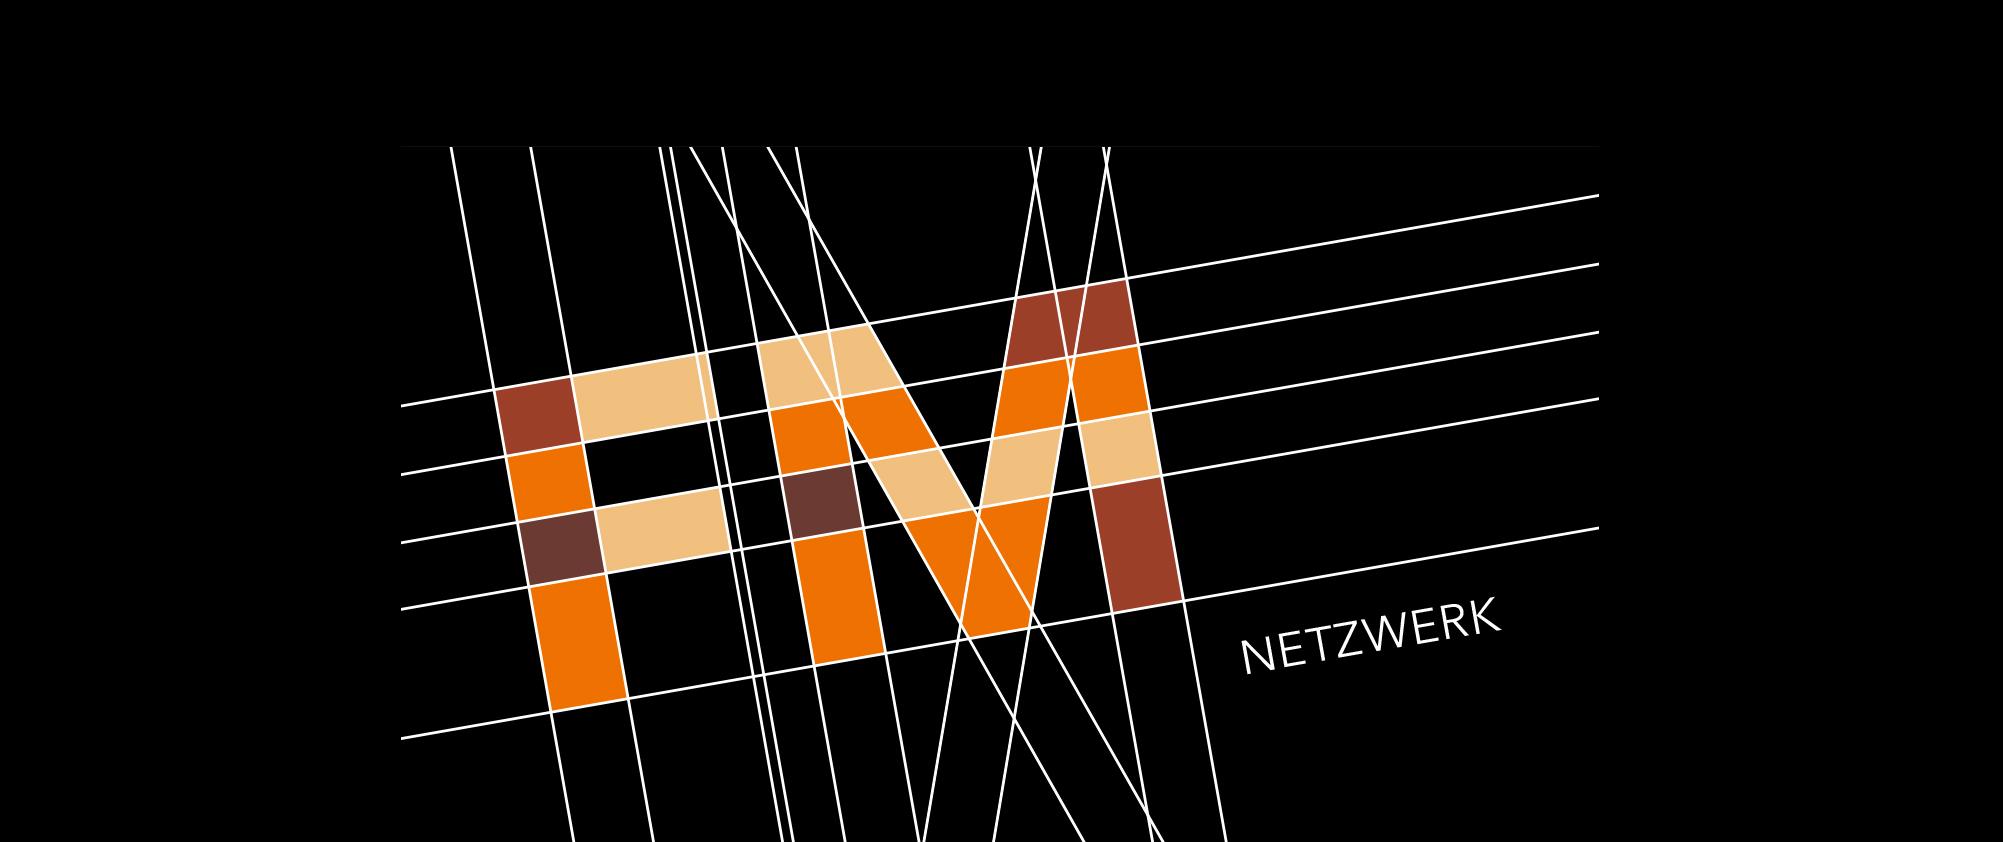 designfunktion-bonn-fm-netzwerk-headerbild-large